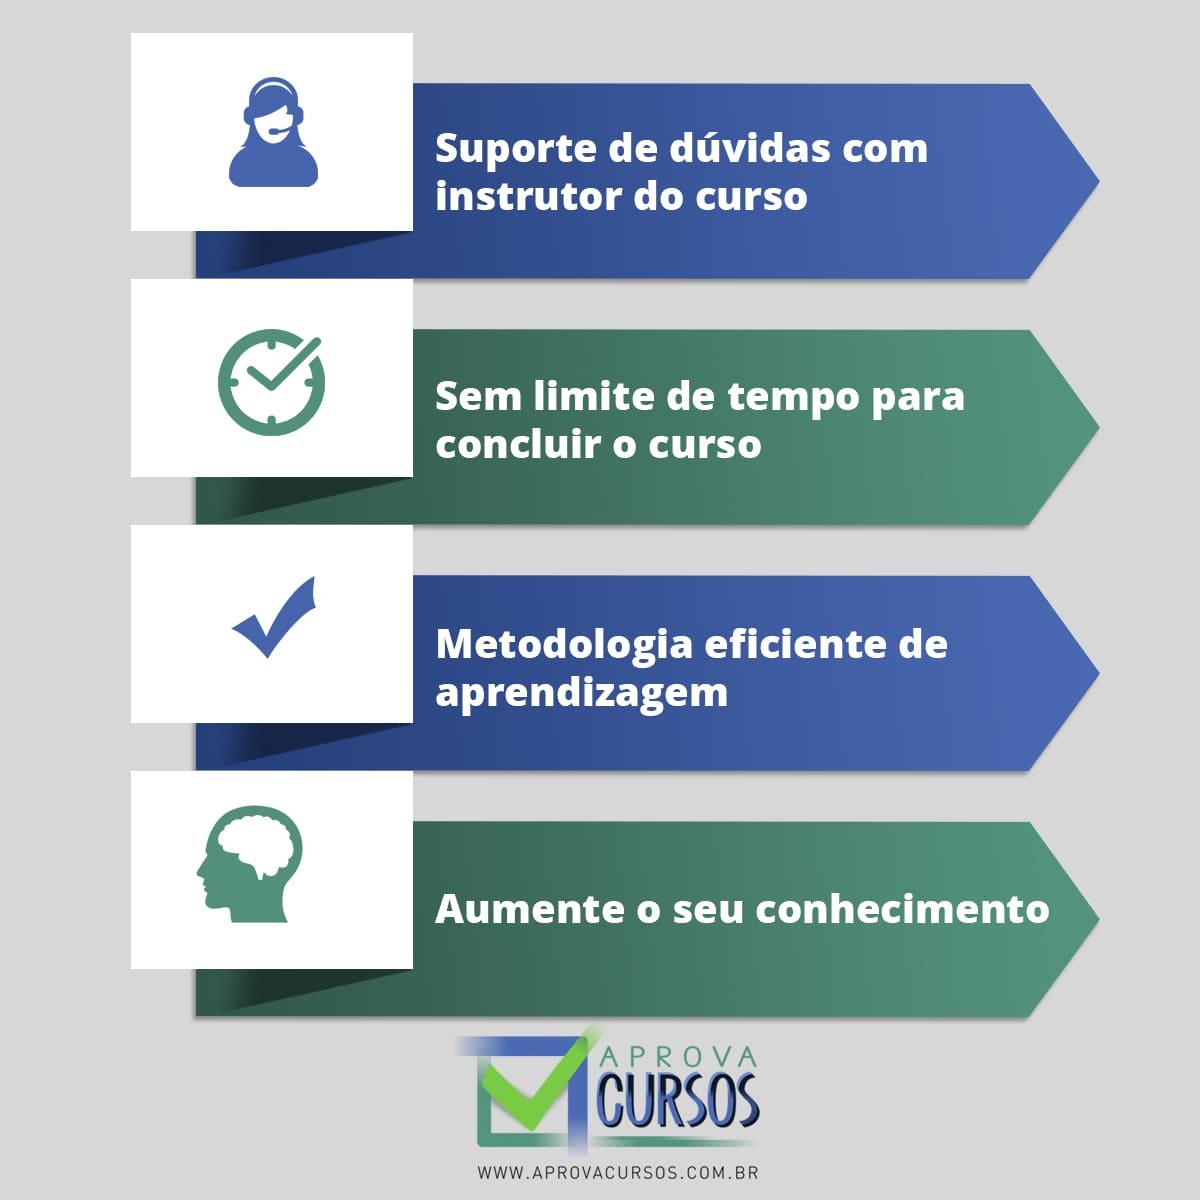 Curso Online Sobre o Estudo do Câncer com Certificado  - Aprova Cursos